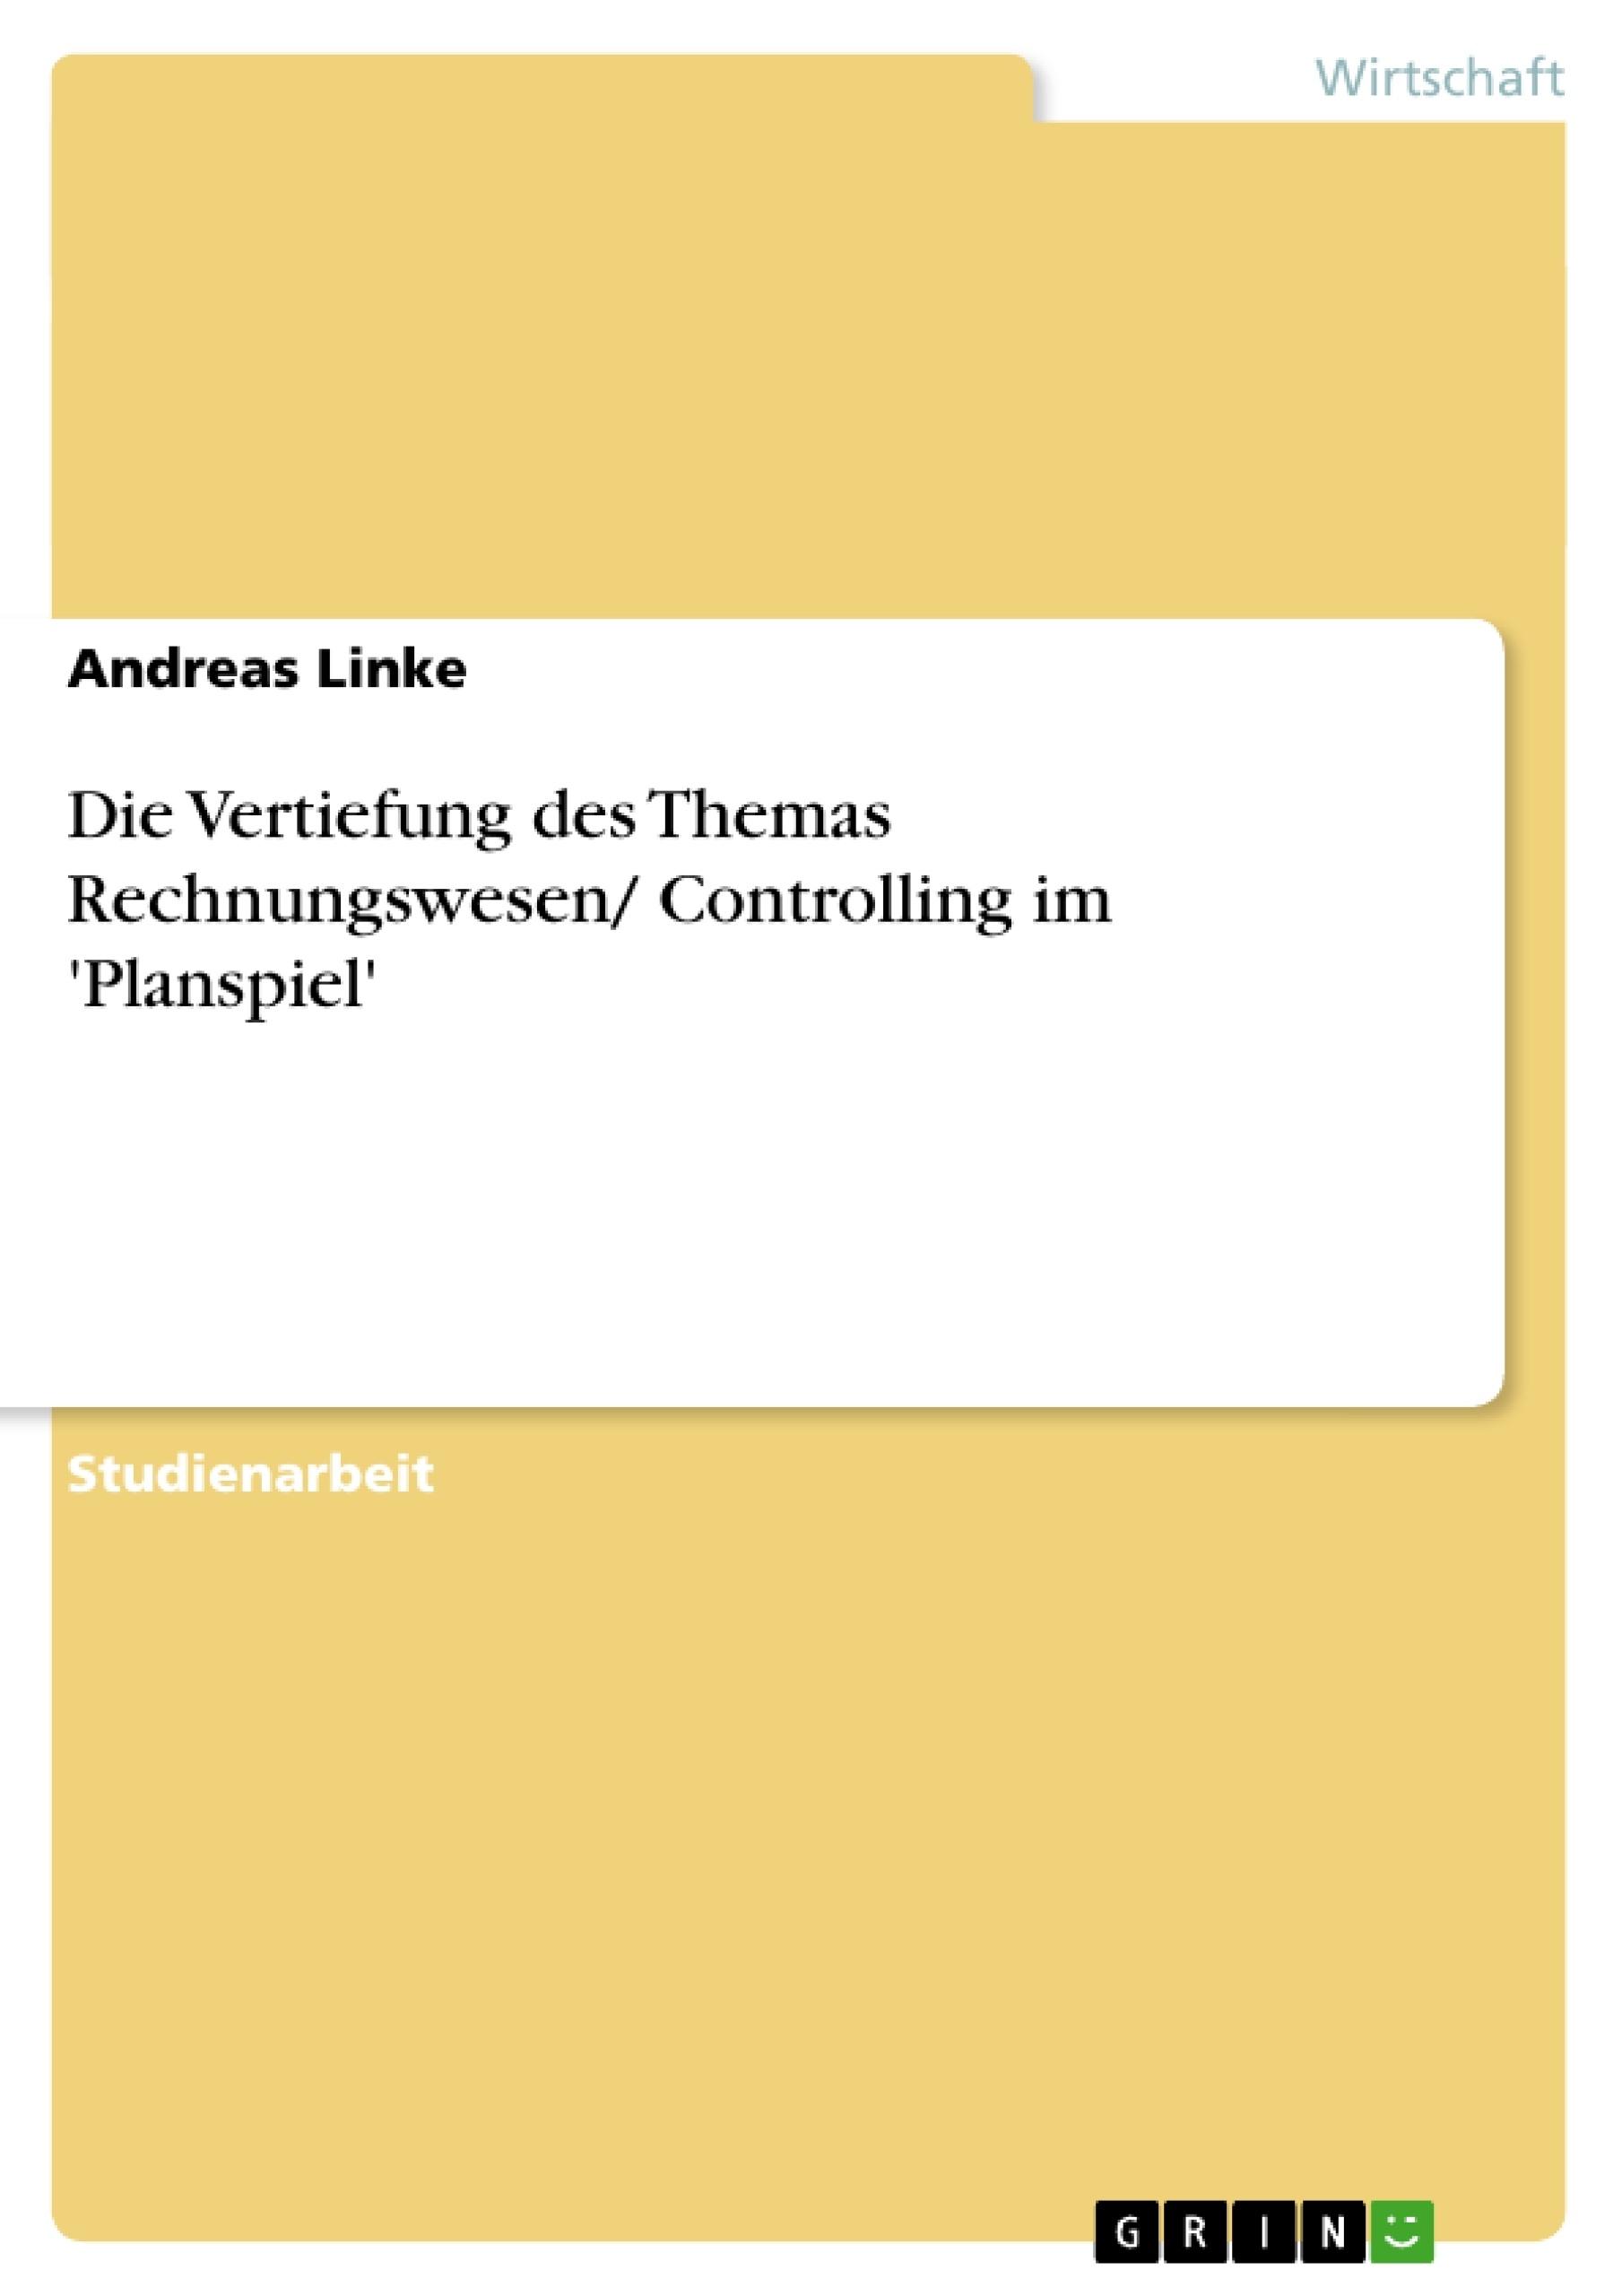 Titel: Die Vertiefung des Themas Rechnungswesen/ Controlling im 'Planspiel'